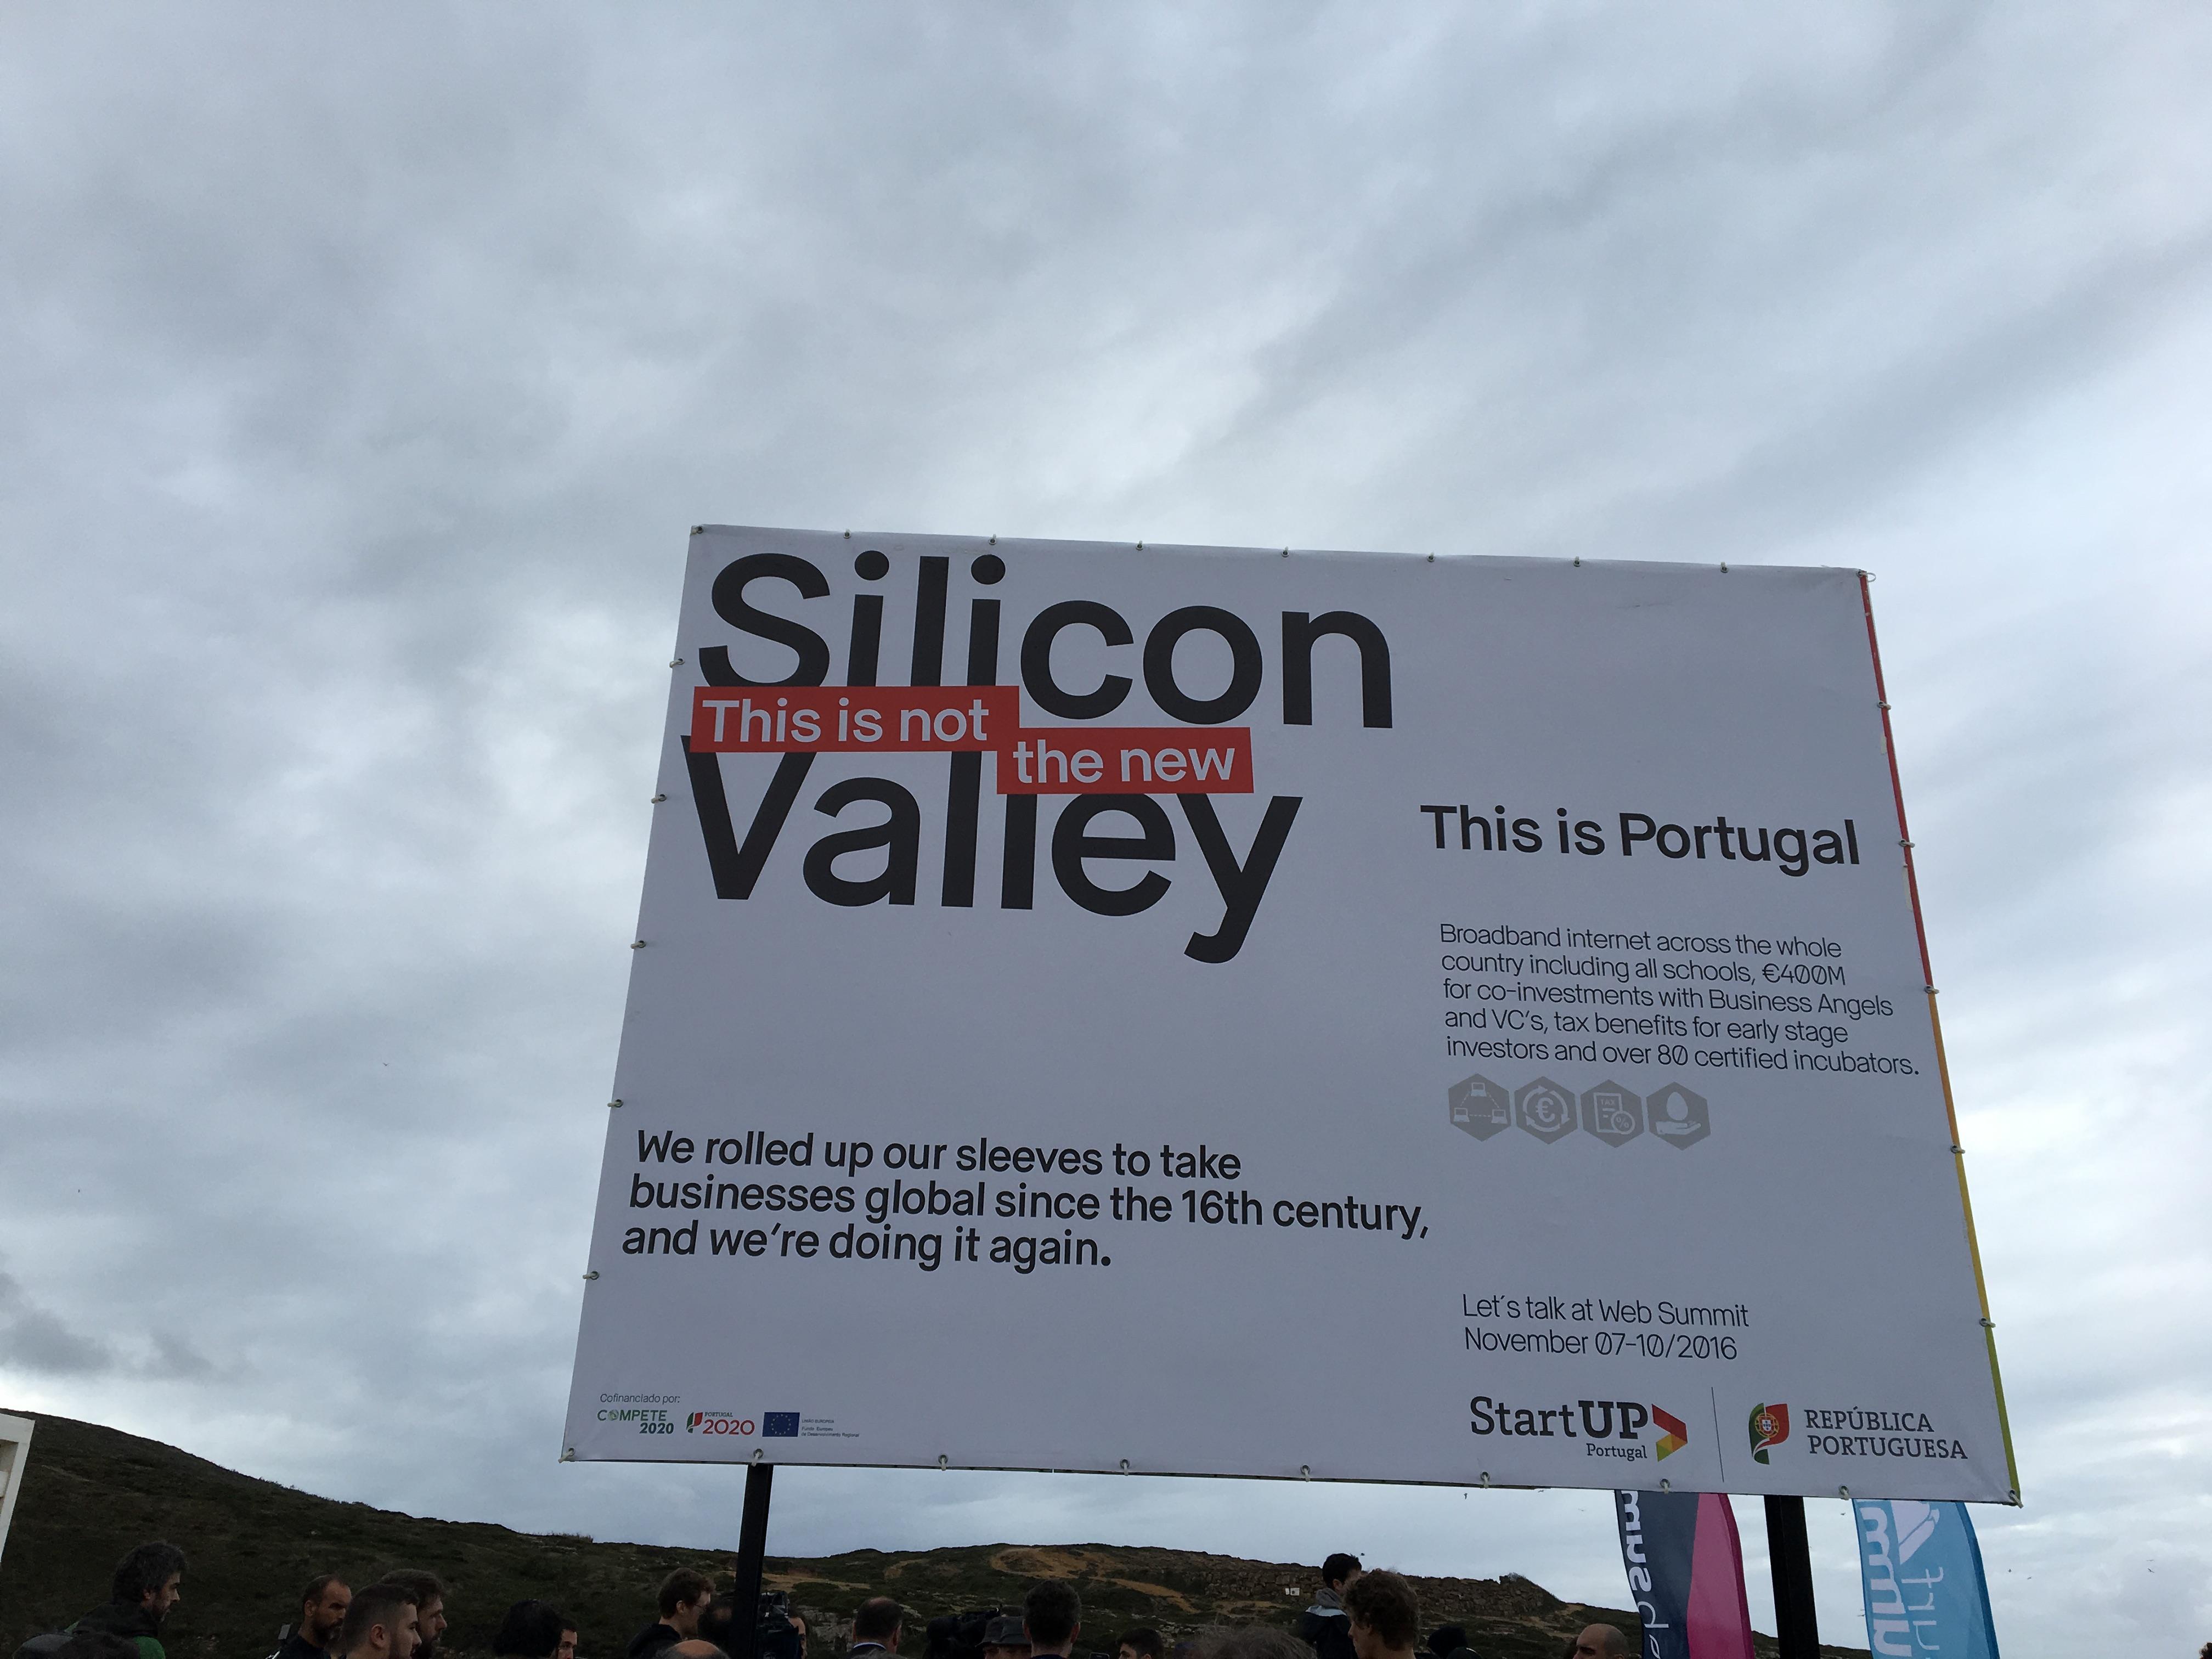 Campanha This is Portugal foi lançada no sábado que antecedeu o Web Summit